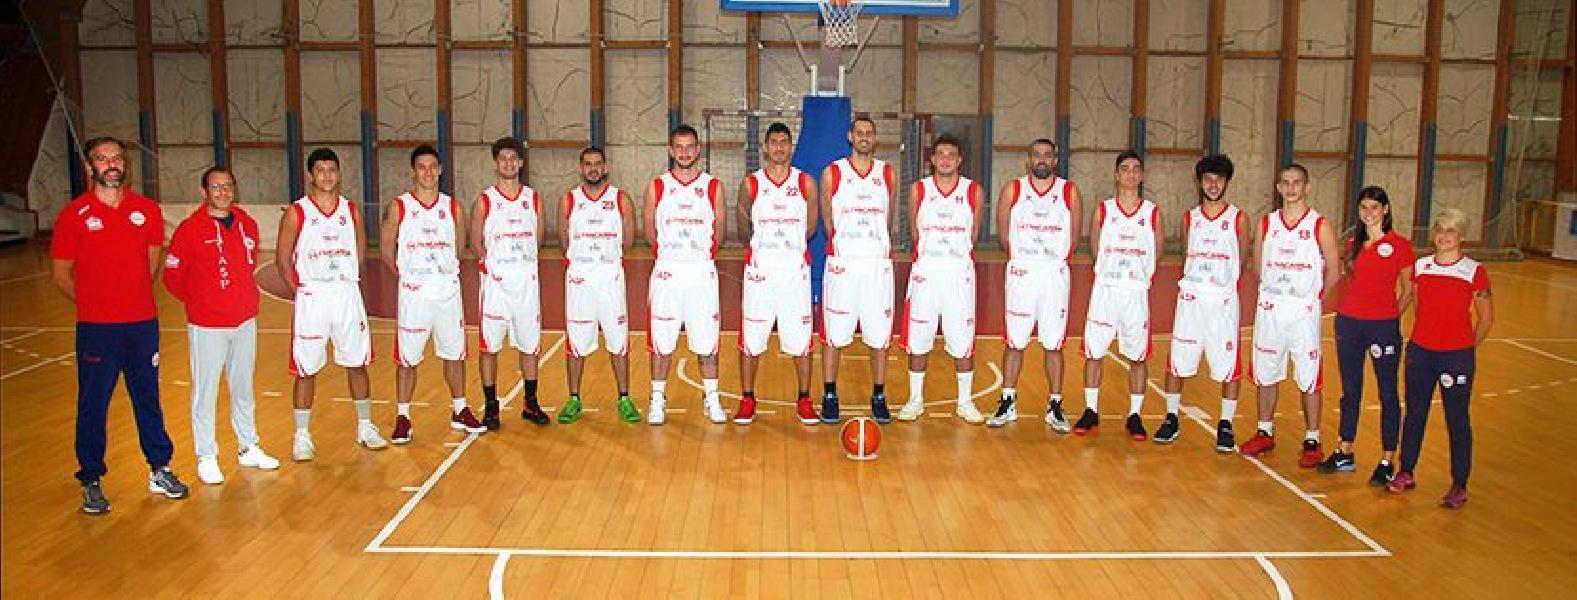 https://www.basketmarche.it/immagini_articoli/10-12-2018/teramo-spicchi-coach-stirpe-splendida-vittoria-bravi-ragazzi-600.jpg